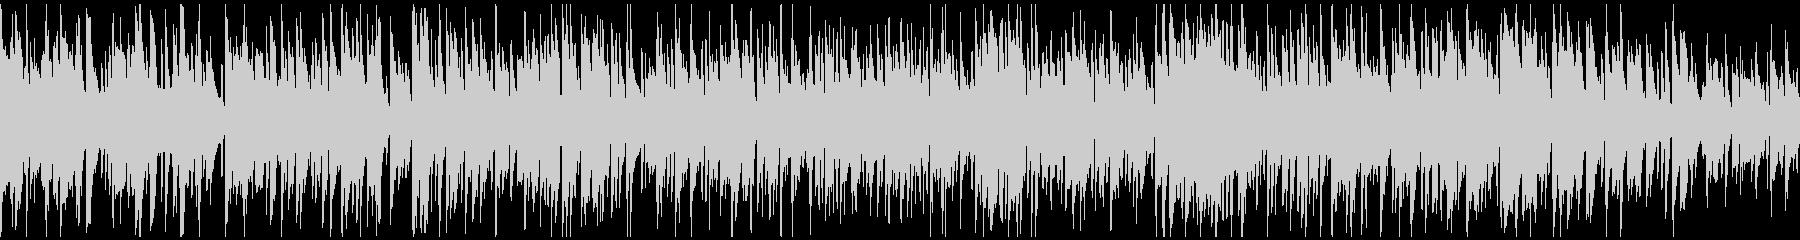 落ち着いた静かなカフェボサノバ※ループ版の未再生の波形